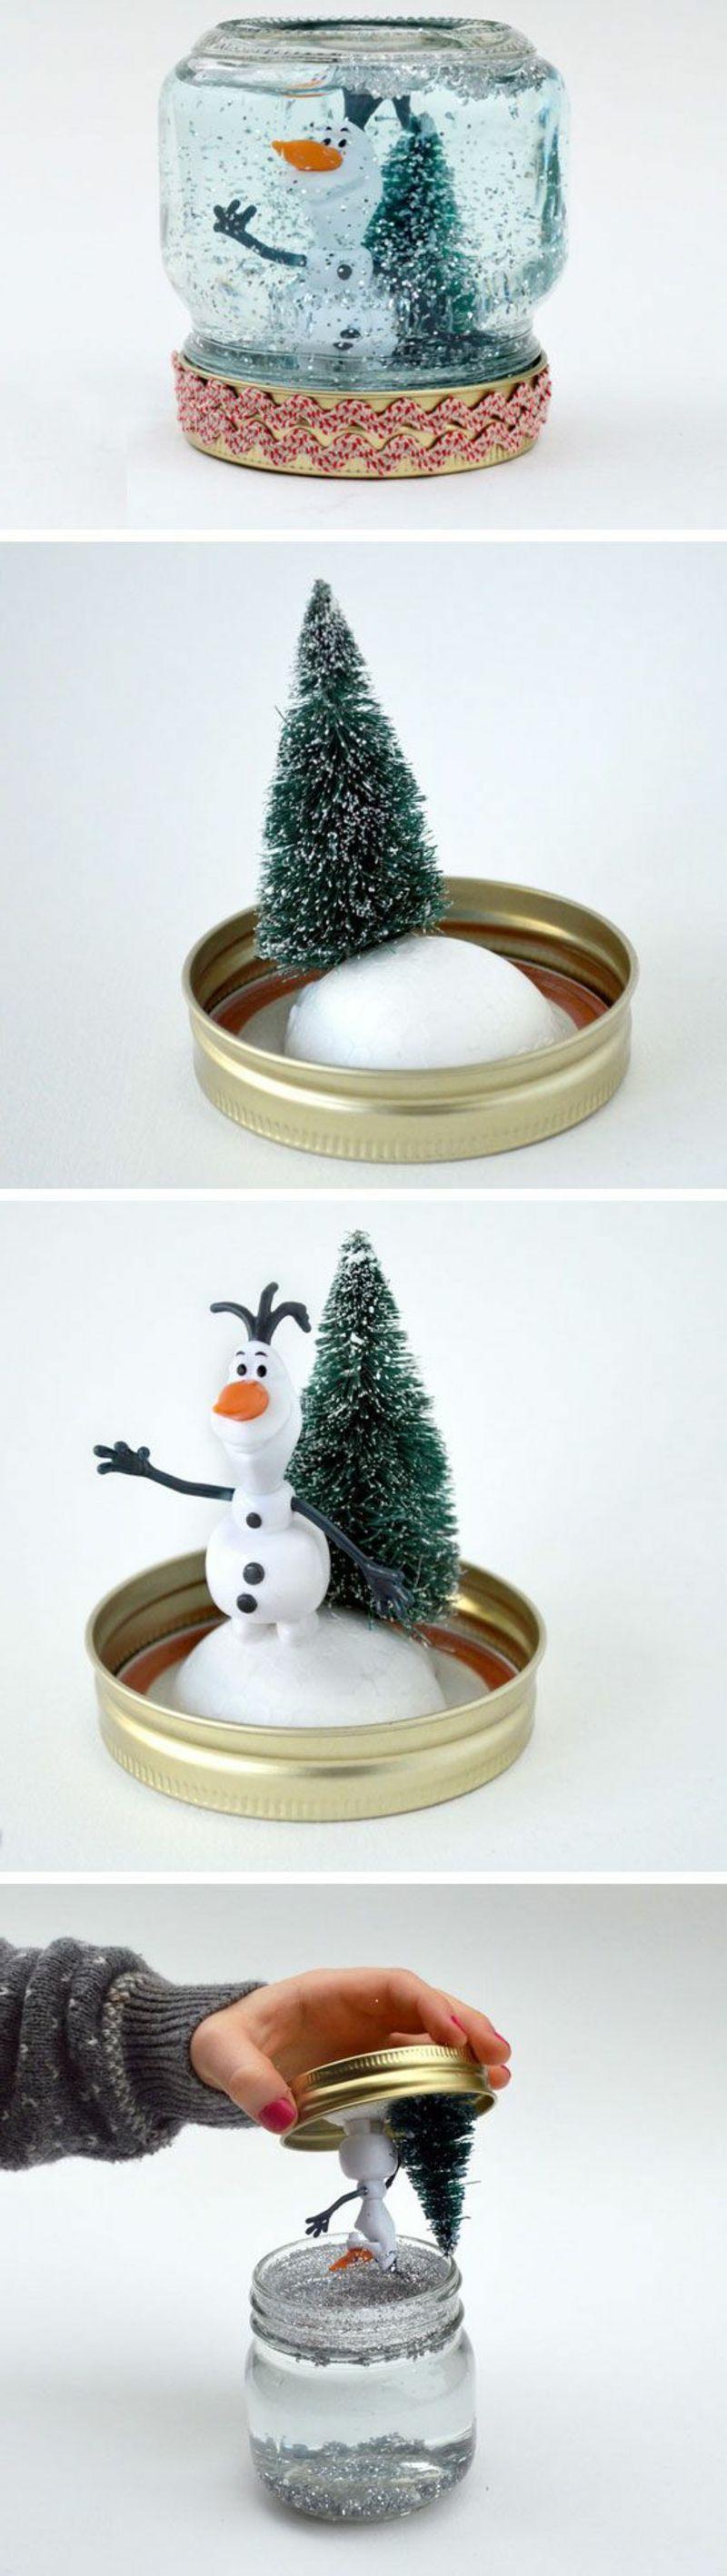 schneekugel selber machen diy weihnachten pinterest weihnachten diy weihnachten und. Black Bedroom Furniture Sets. Home Design Ideas